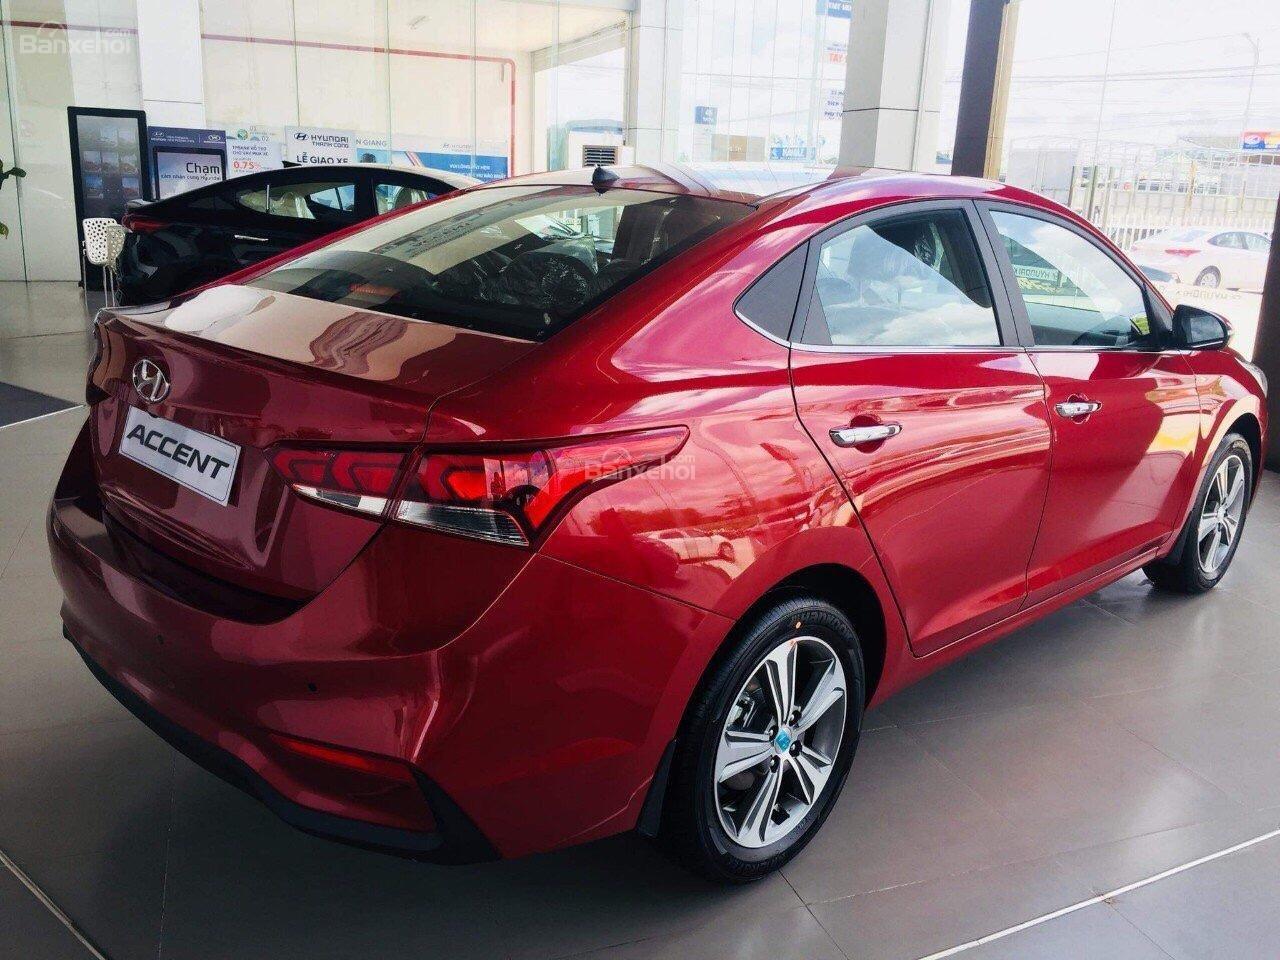 Bán Hyundai Accent 2018 giá cạnh tranh, hỗ trợ góp ngân hàng 80-90%, lãi suất thấp-1